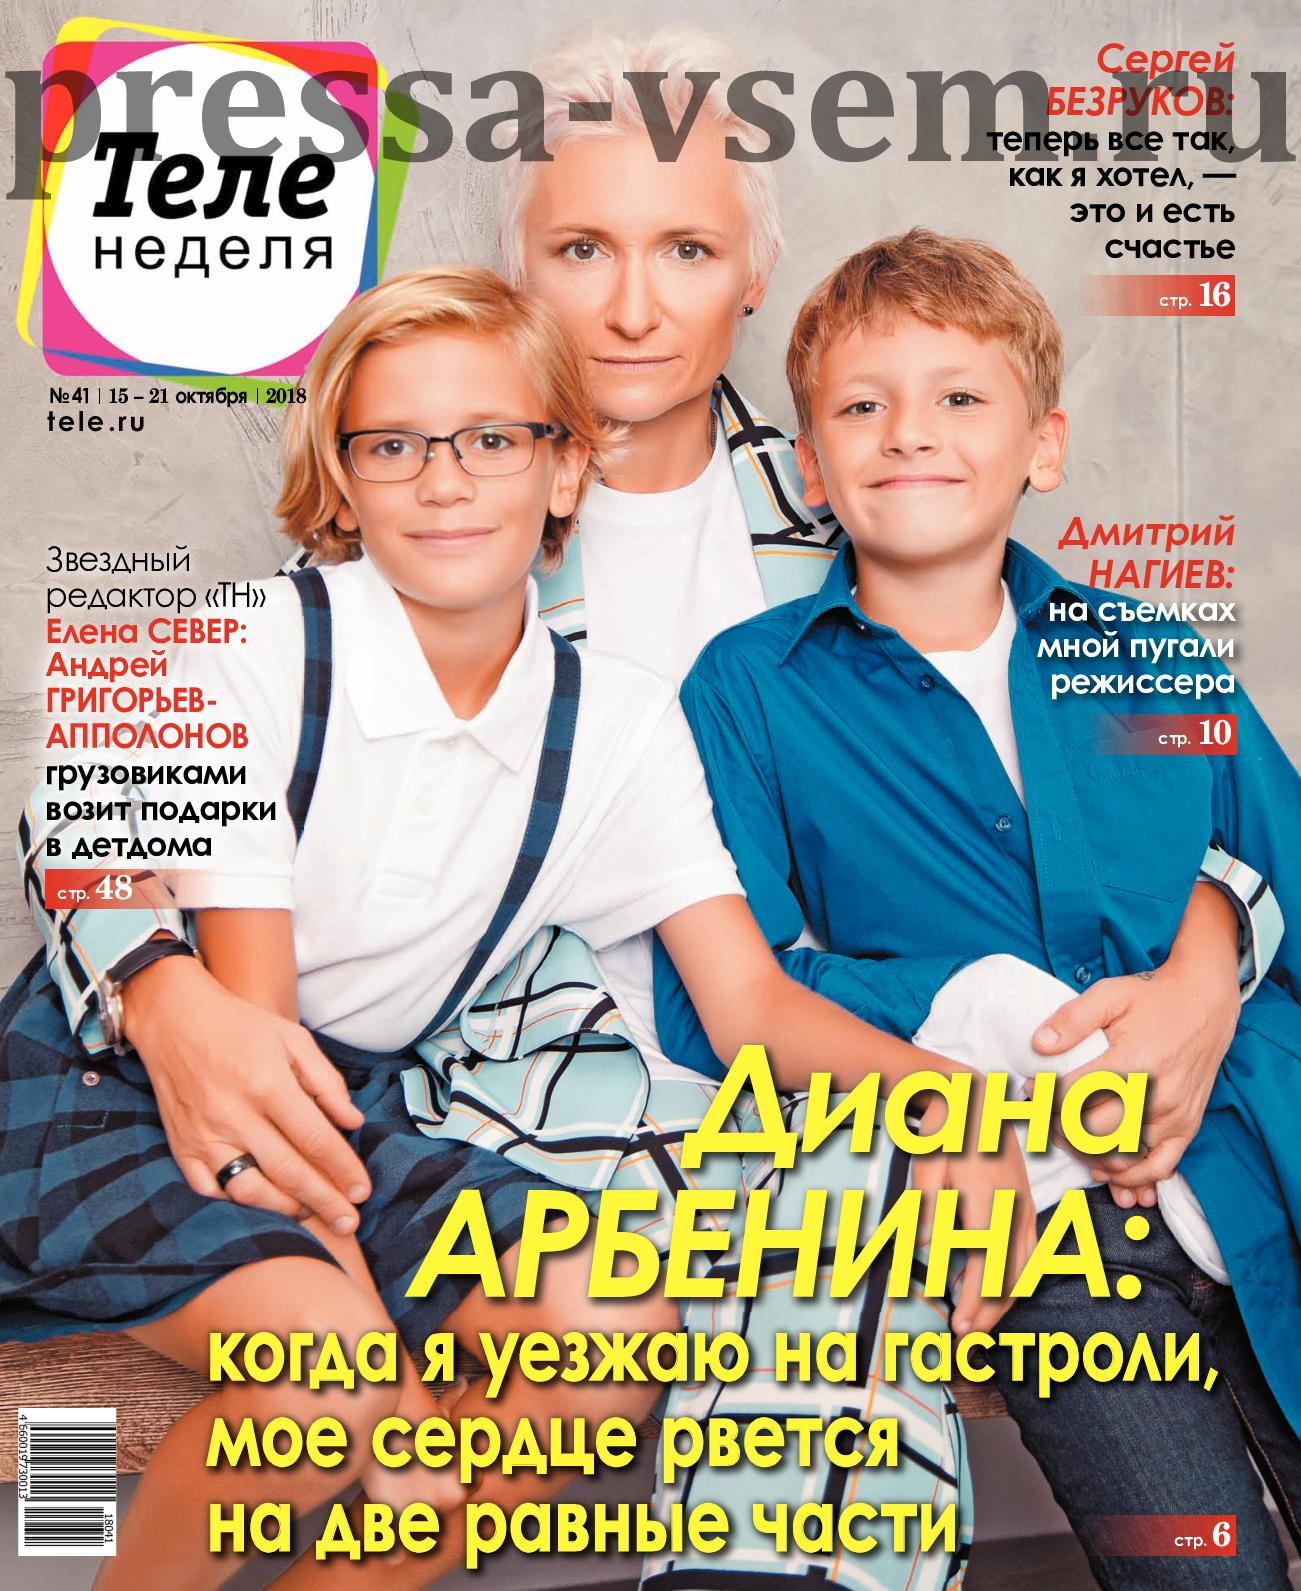 Смотреть Скрытая реклама в романе Евгений Онегин видео